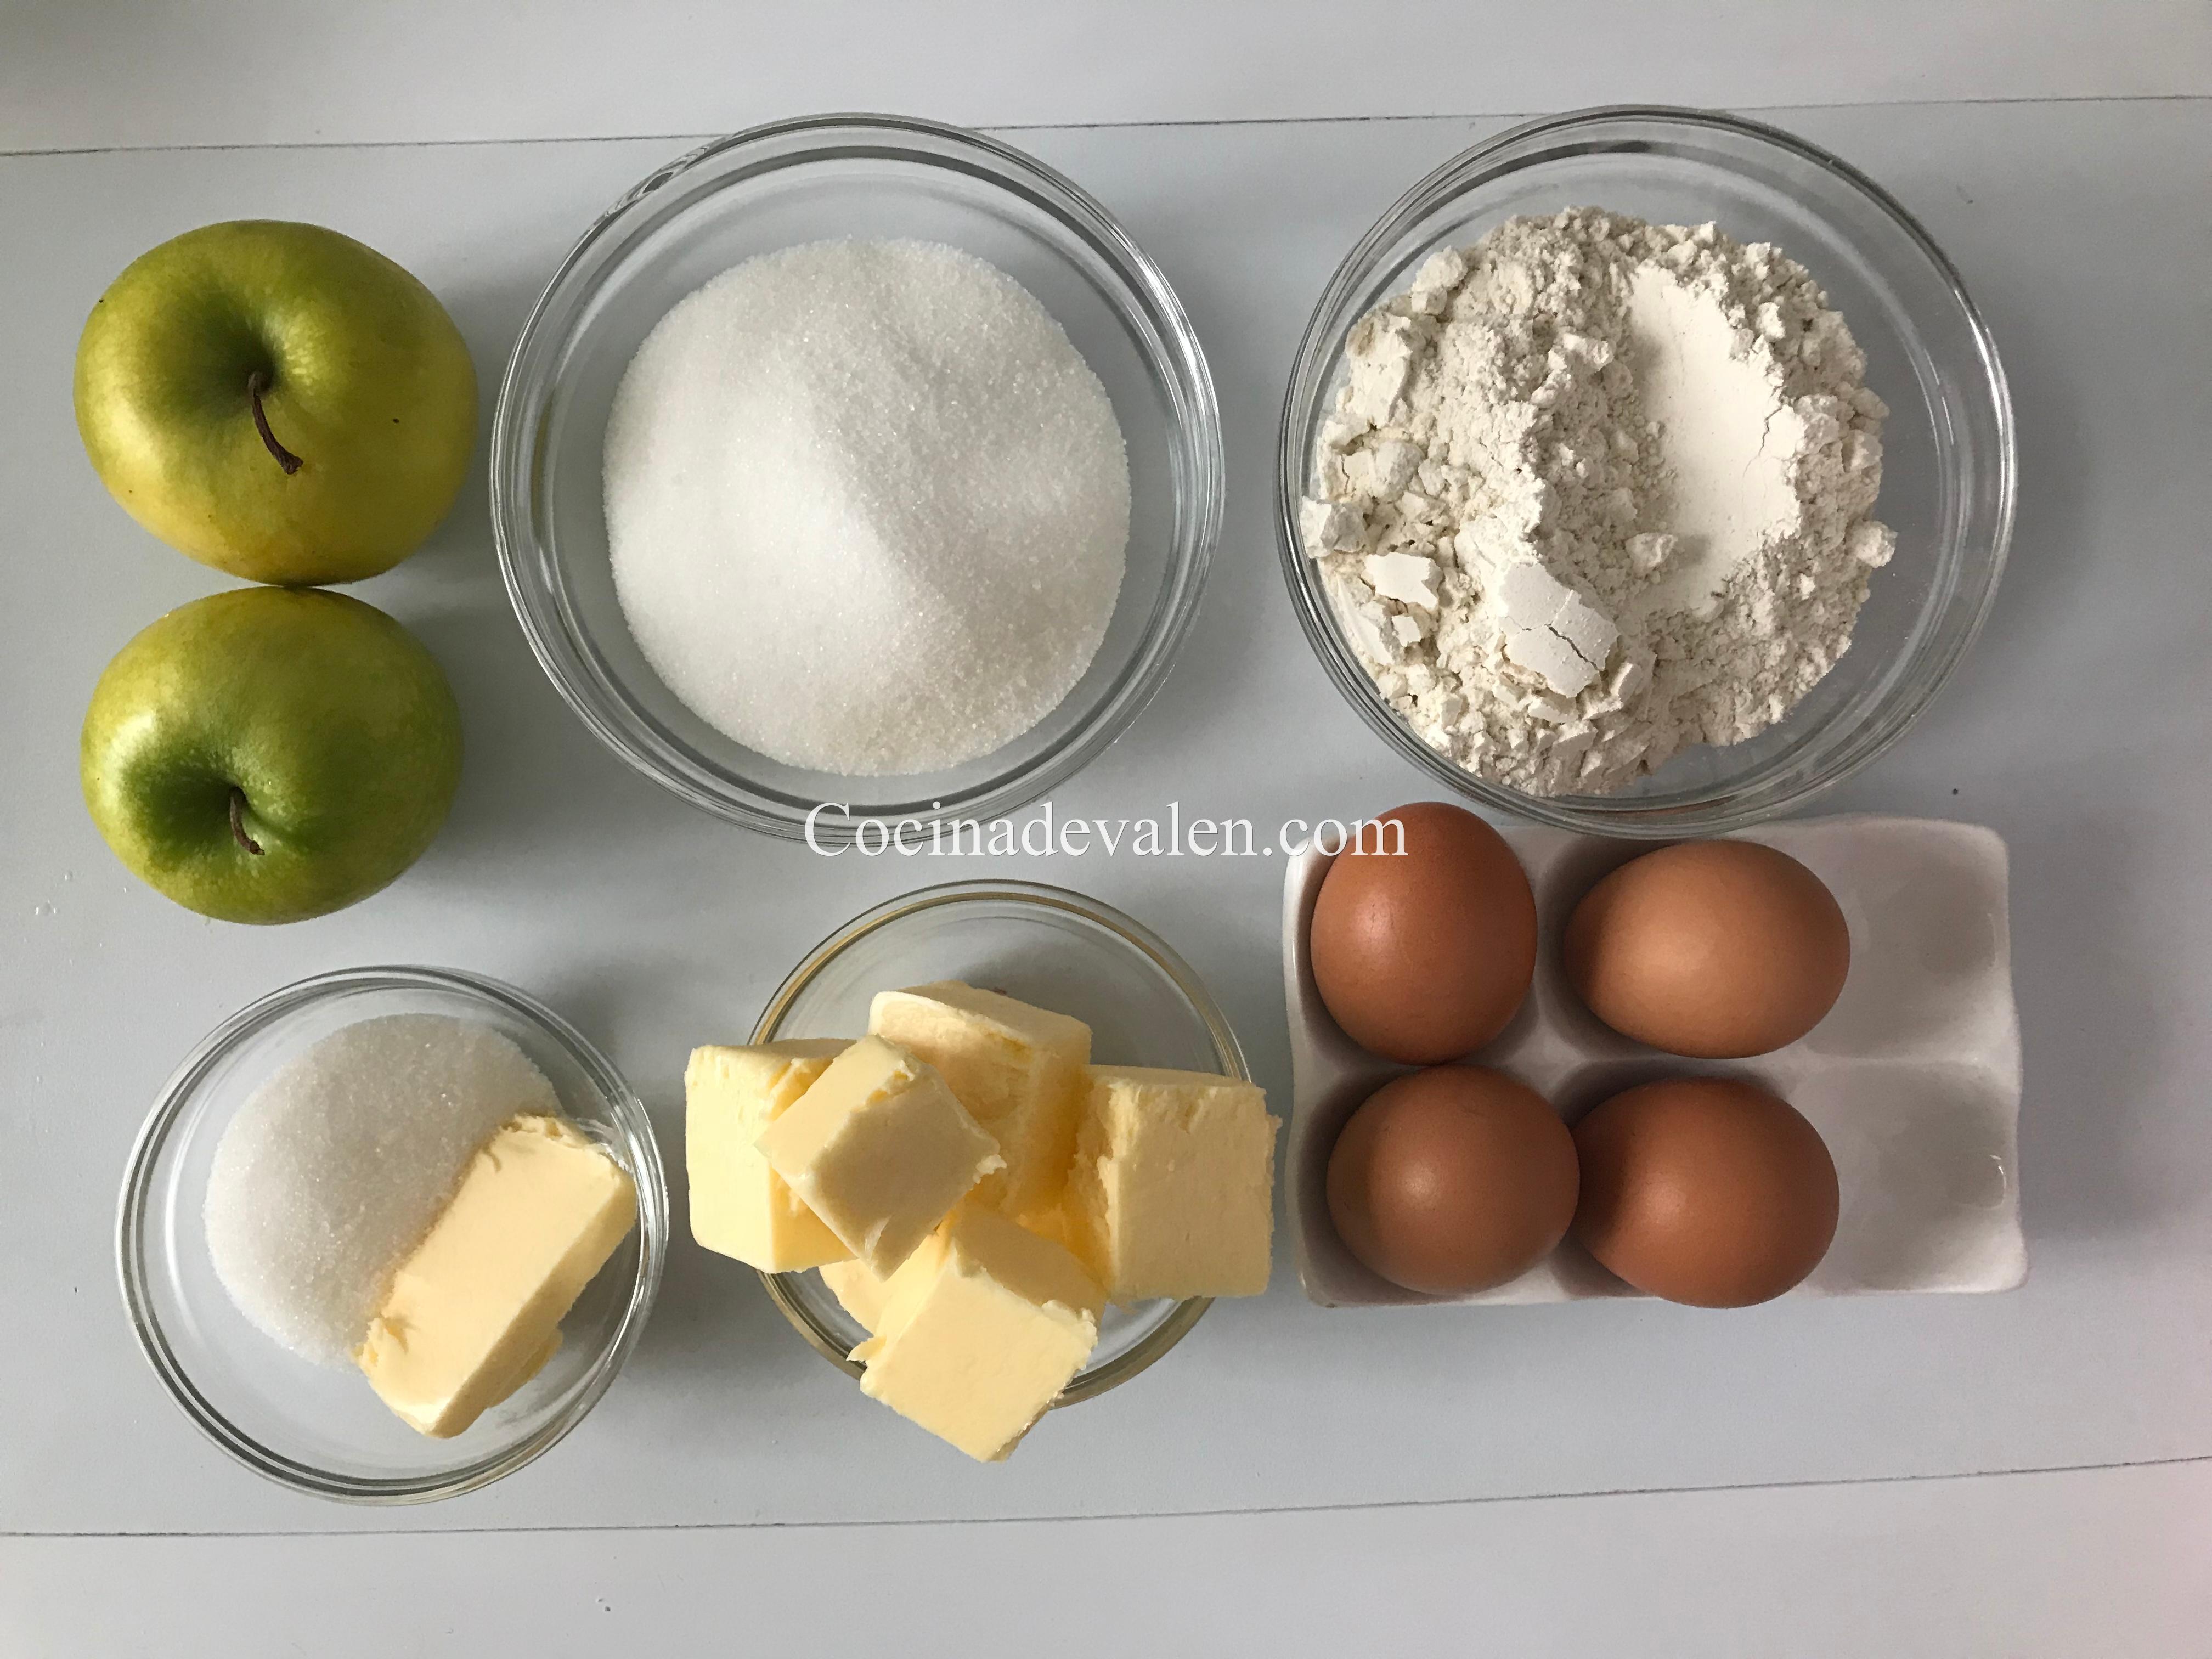 Bizcocho Cuatro cuartos de Manzana - Cocina de Valen